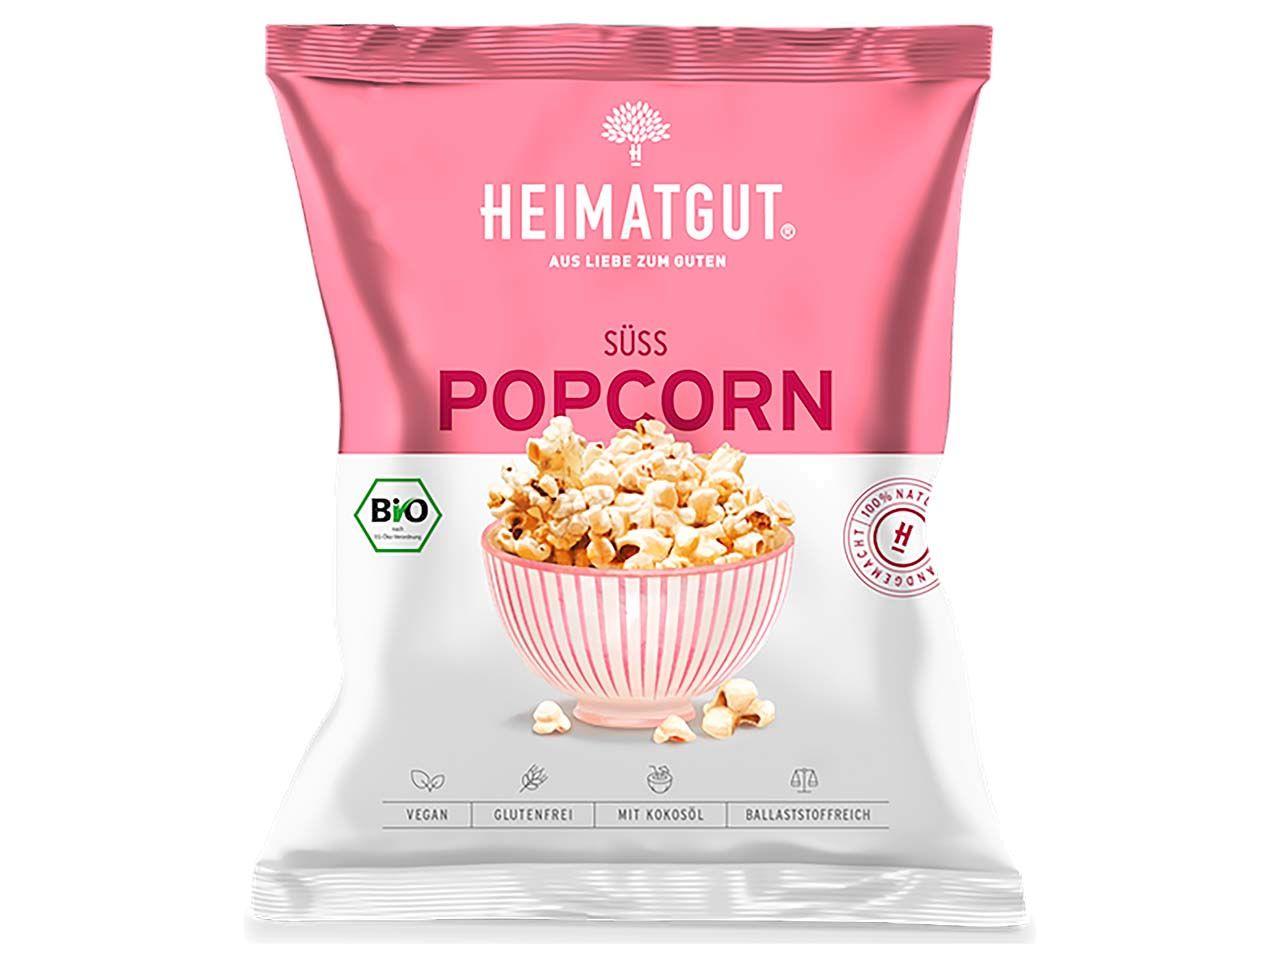 HEIMATGUT Bio-Popcorn süß 30 g POP-101